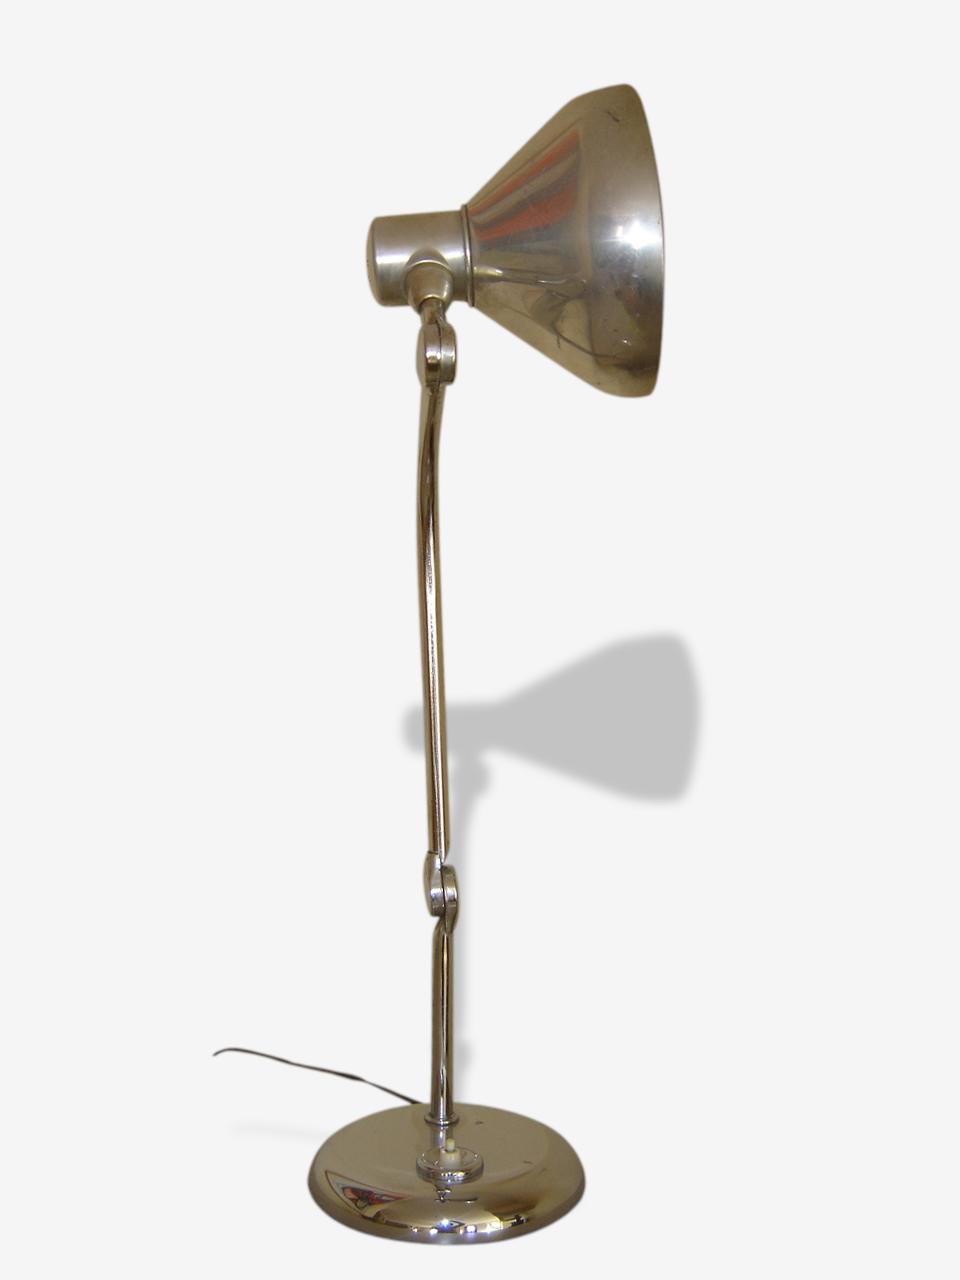 Lampe Jumo Gs1 Finition Chrome Metal Argent Couleur Vintage